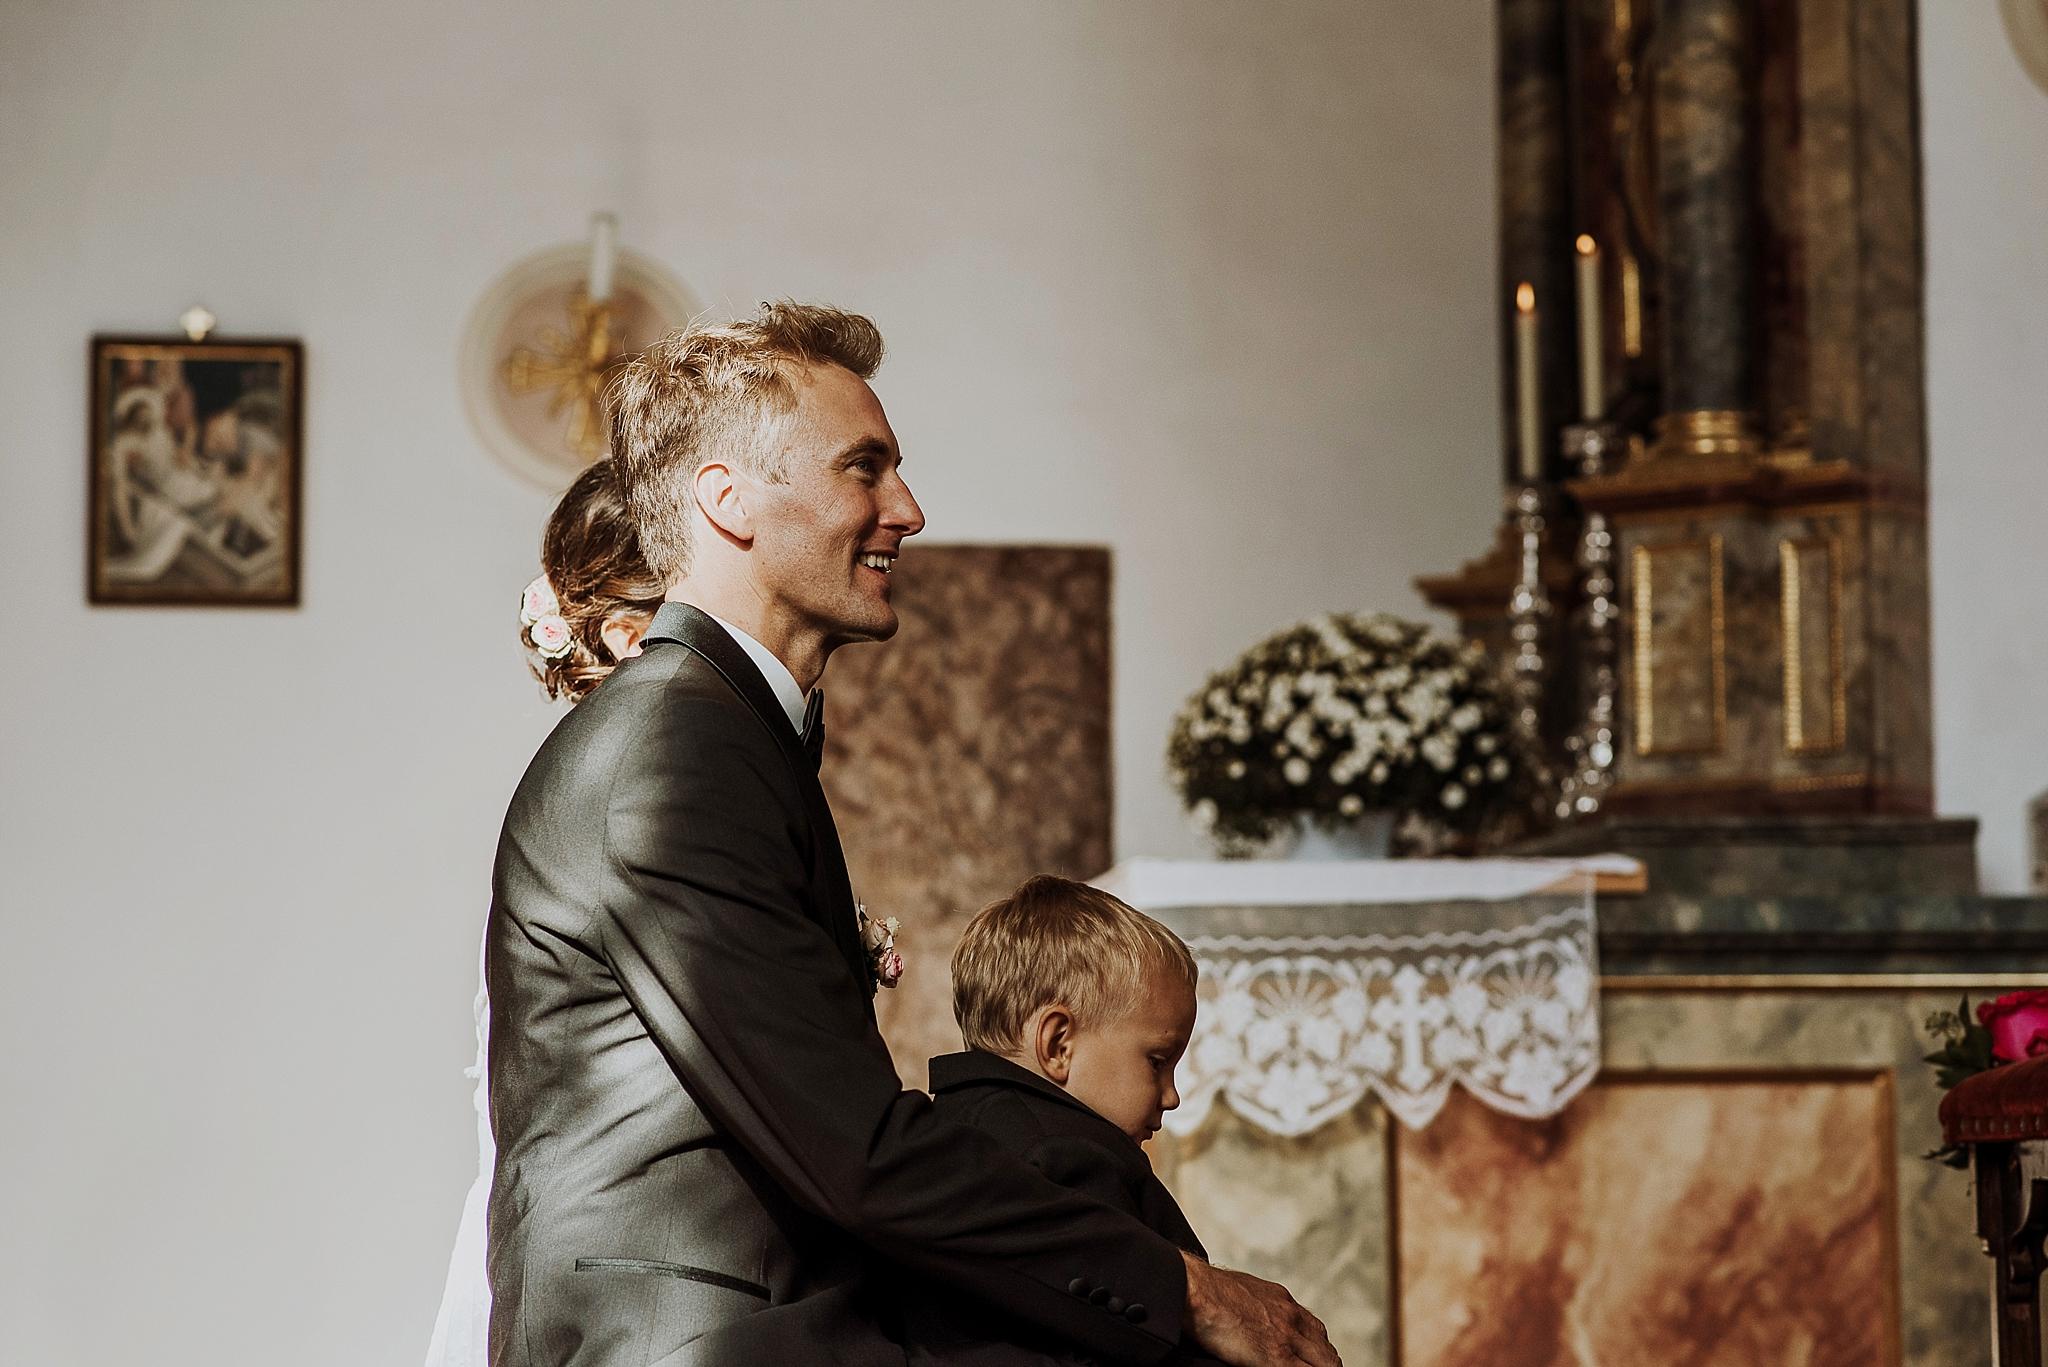 hotel starnberger see kirchliche hochzeit taufe ilkahöhe wedding starnberg tutzing hochzeitsreportage photographer hochzeitsfotograf münchen munich bayernst peter und paul